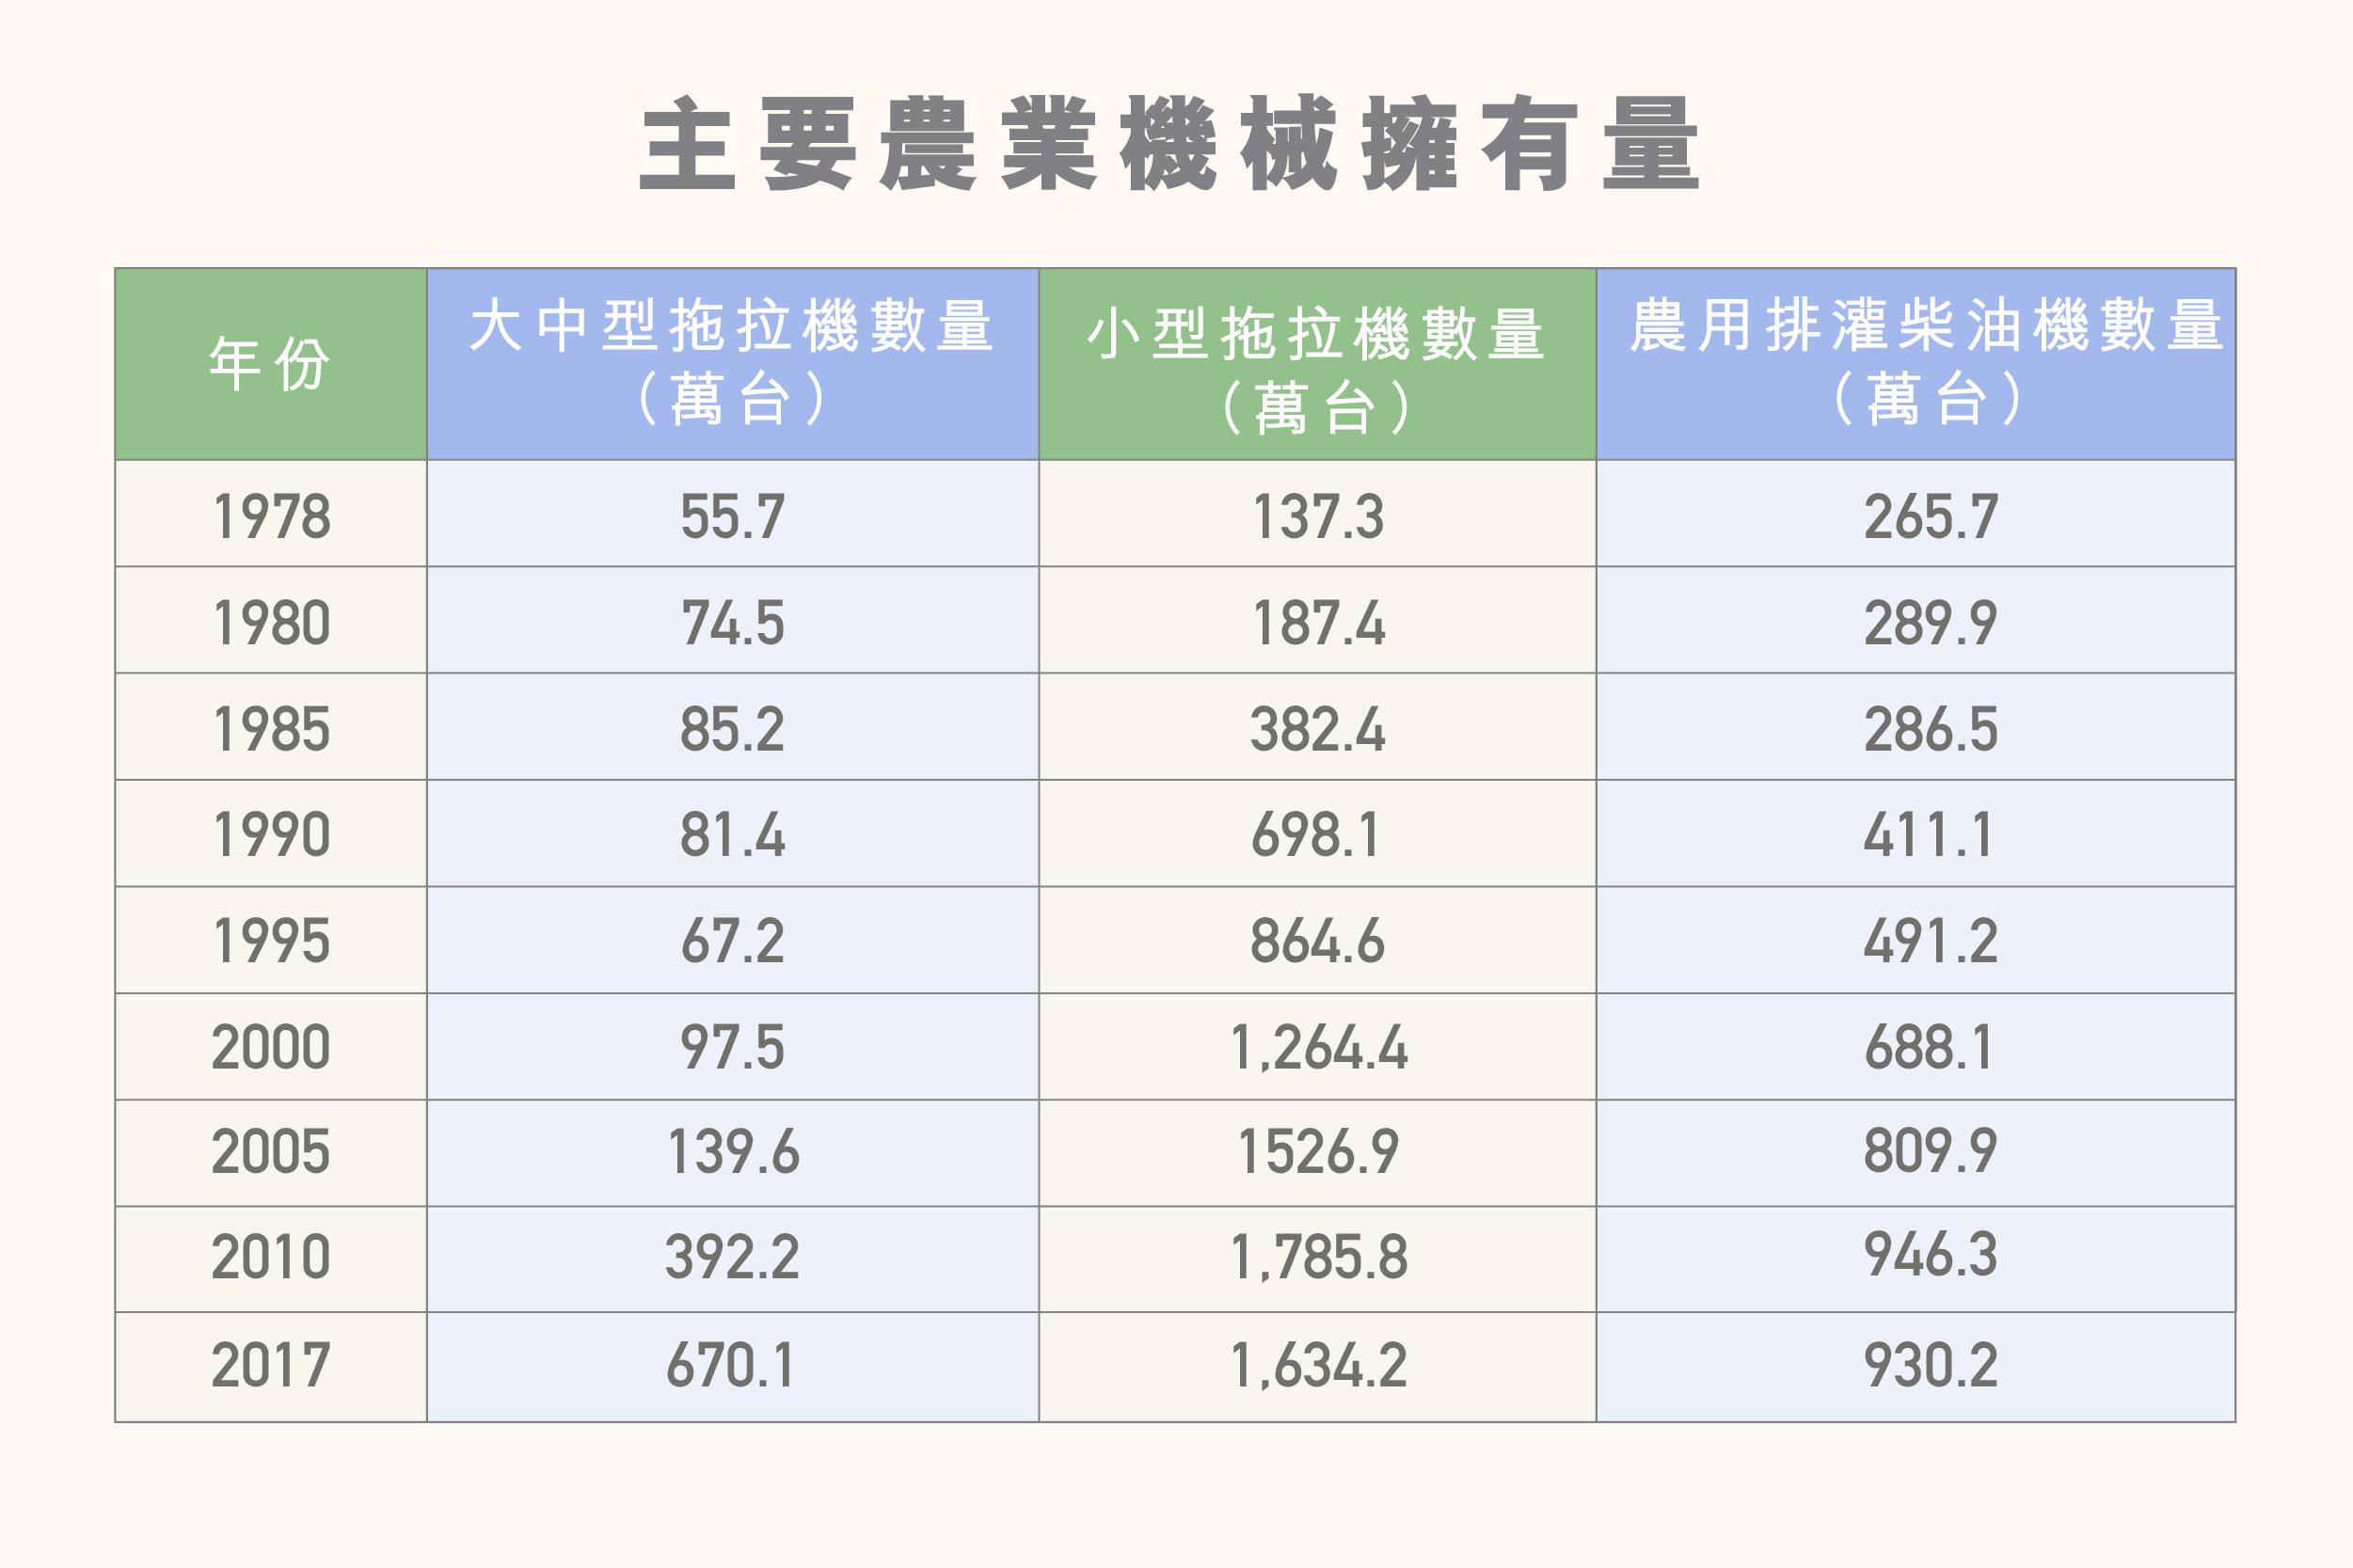 ls_diagram_nongyeshengchangaikuang_zhuyaonongyejixieyongyouliang3